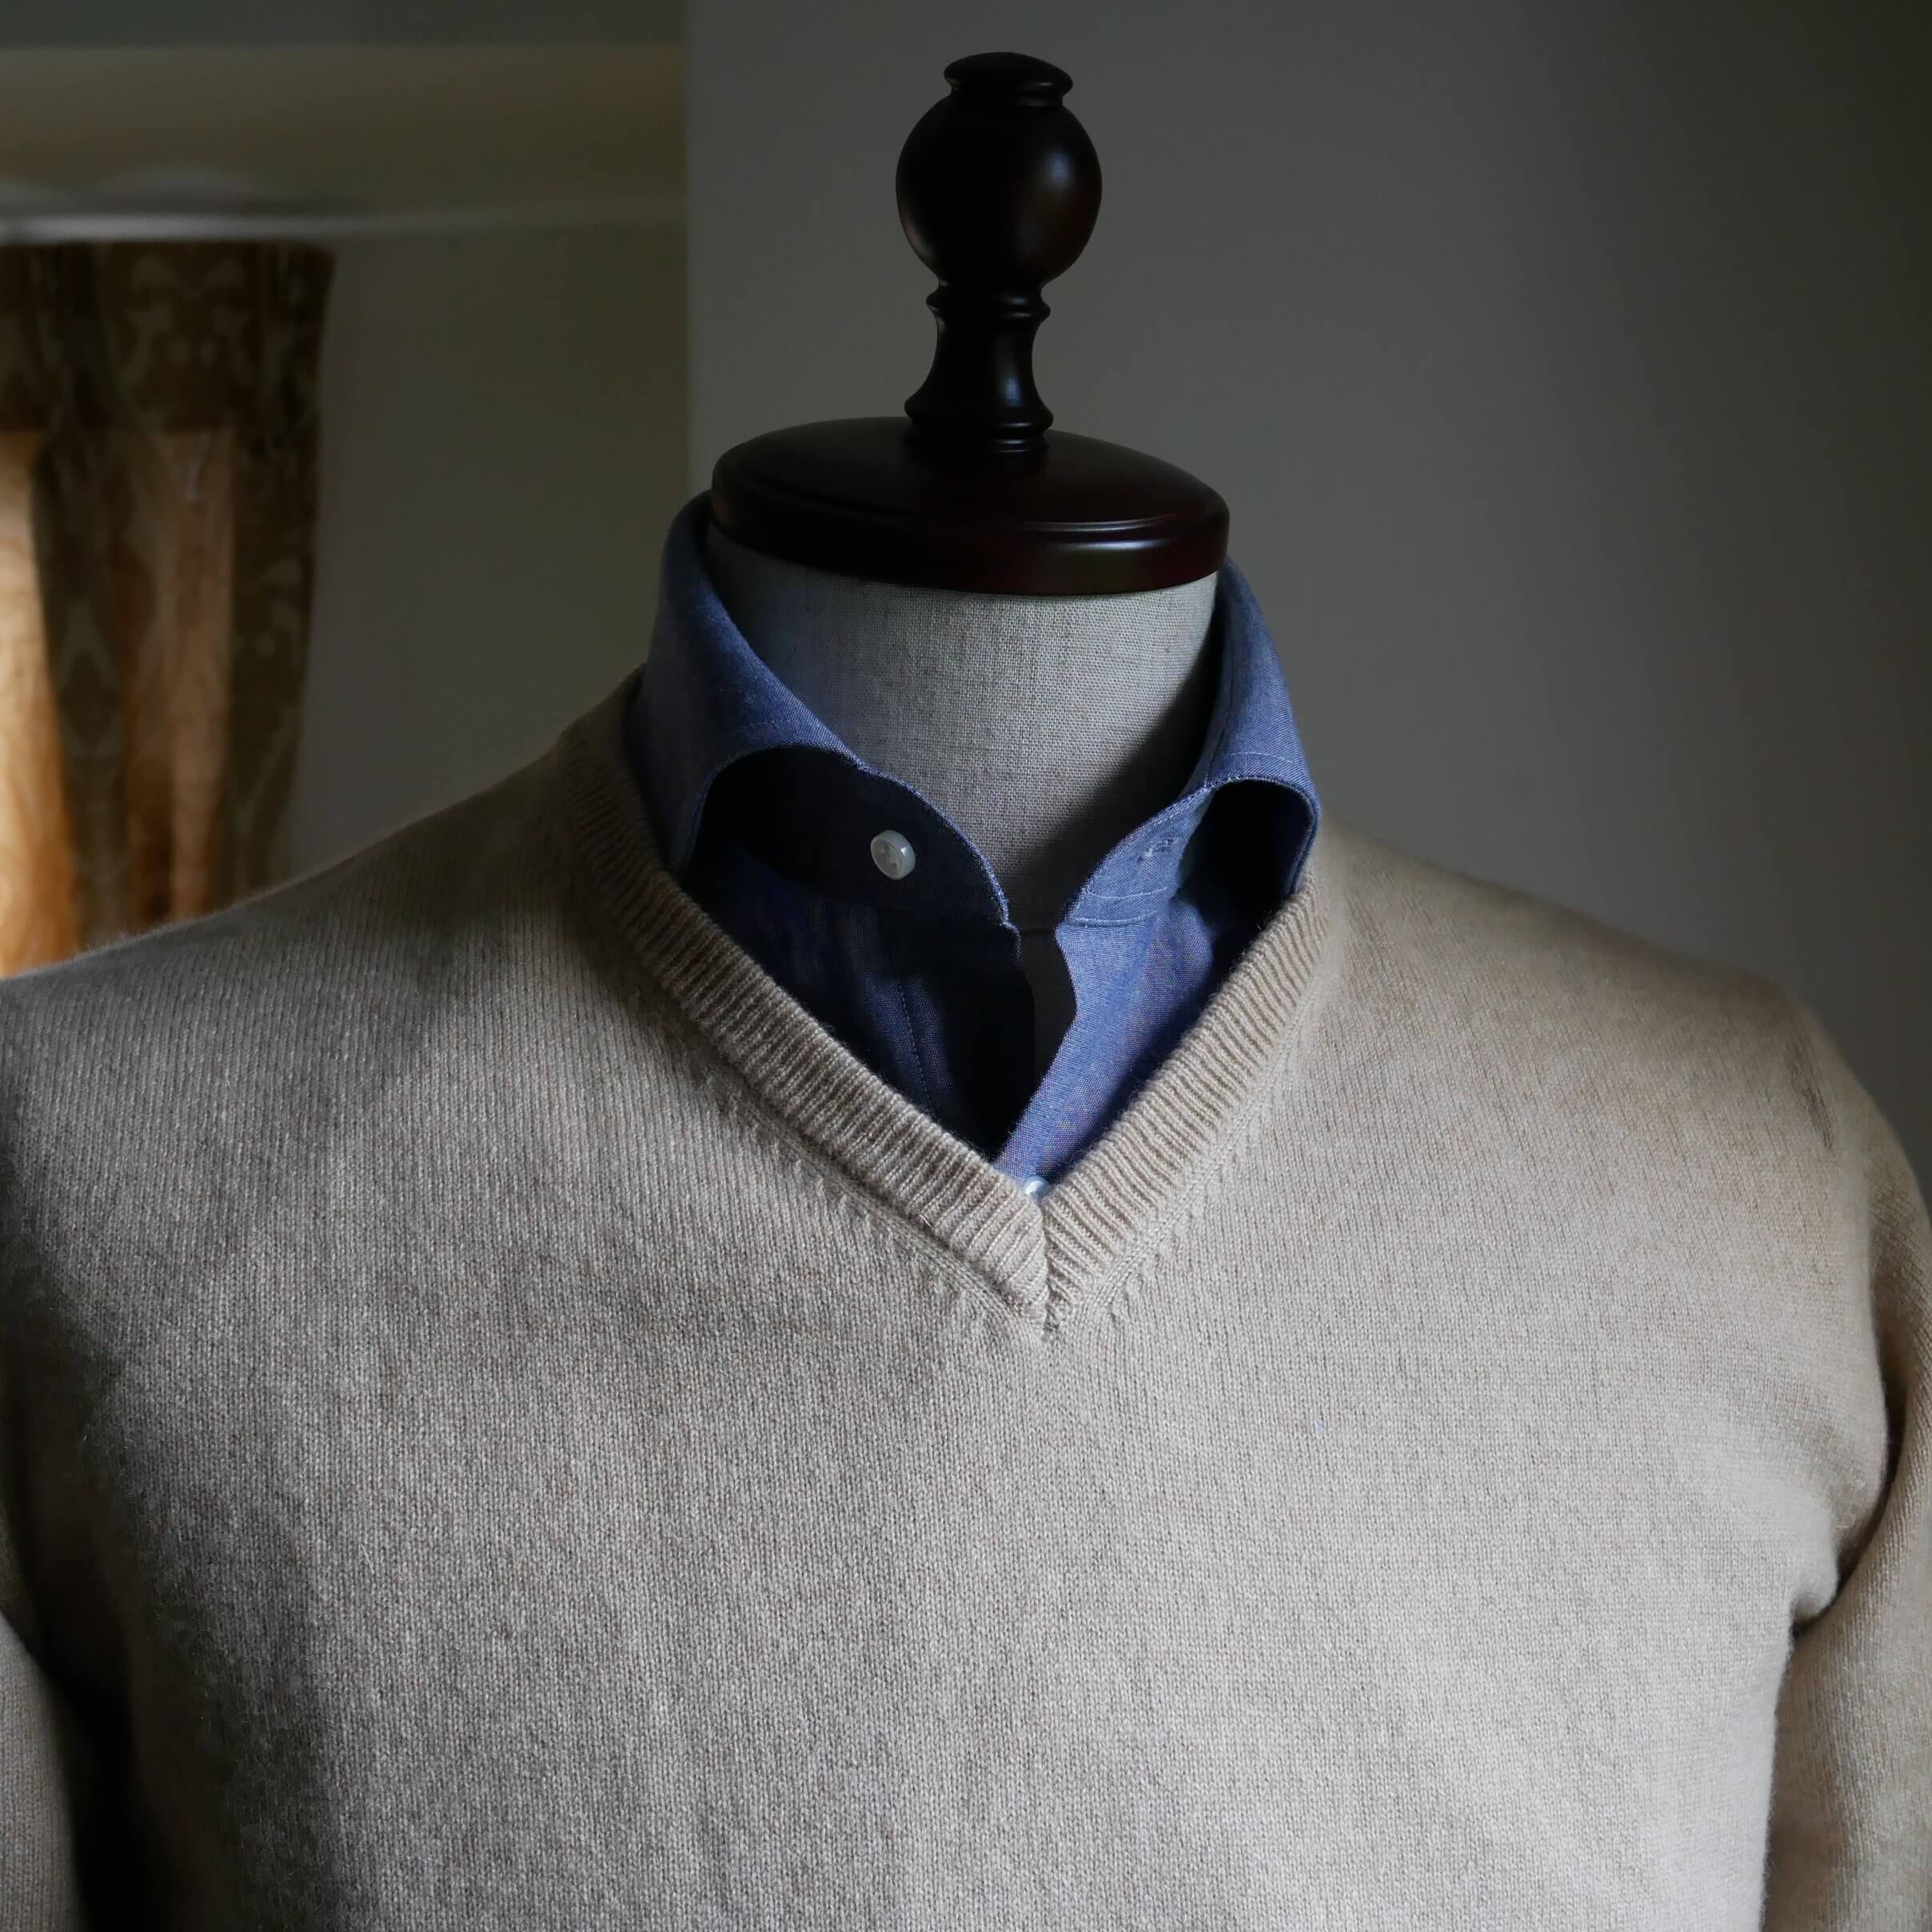 Knitwear_20201111_knitwear_10.jpg